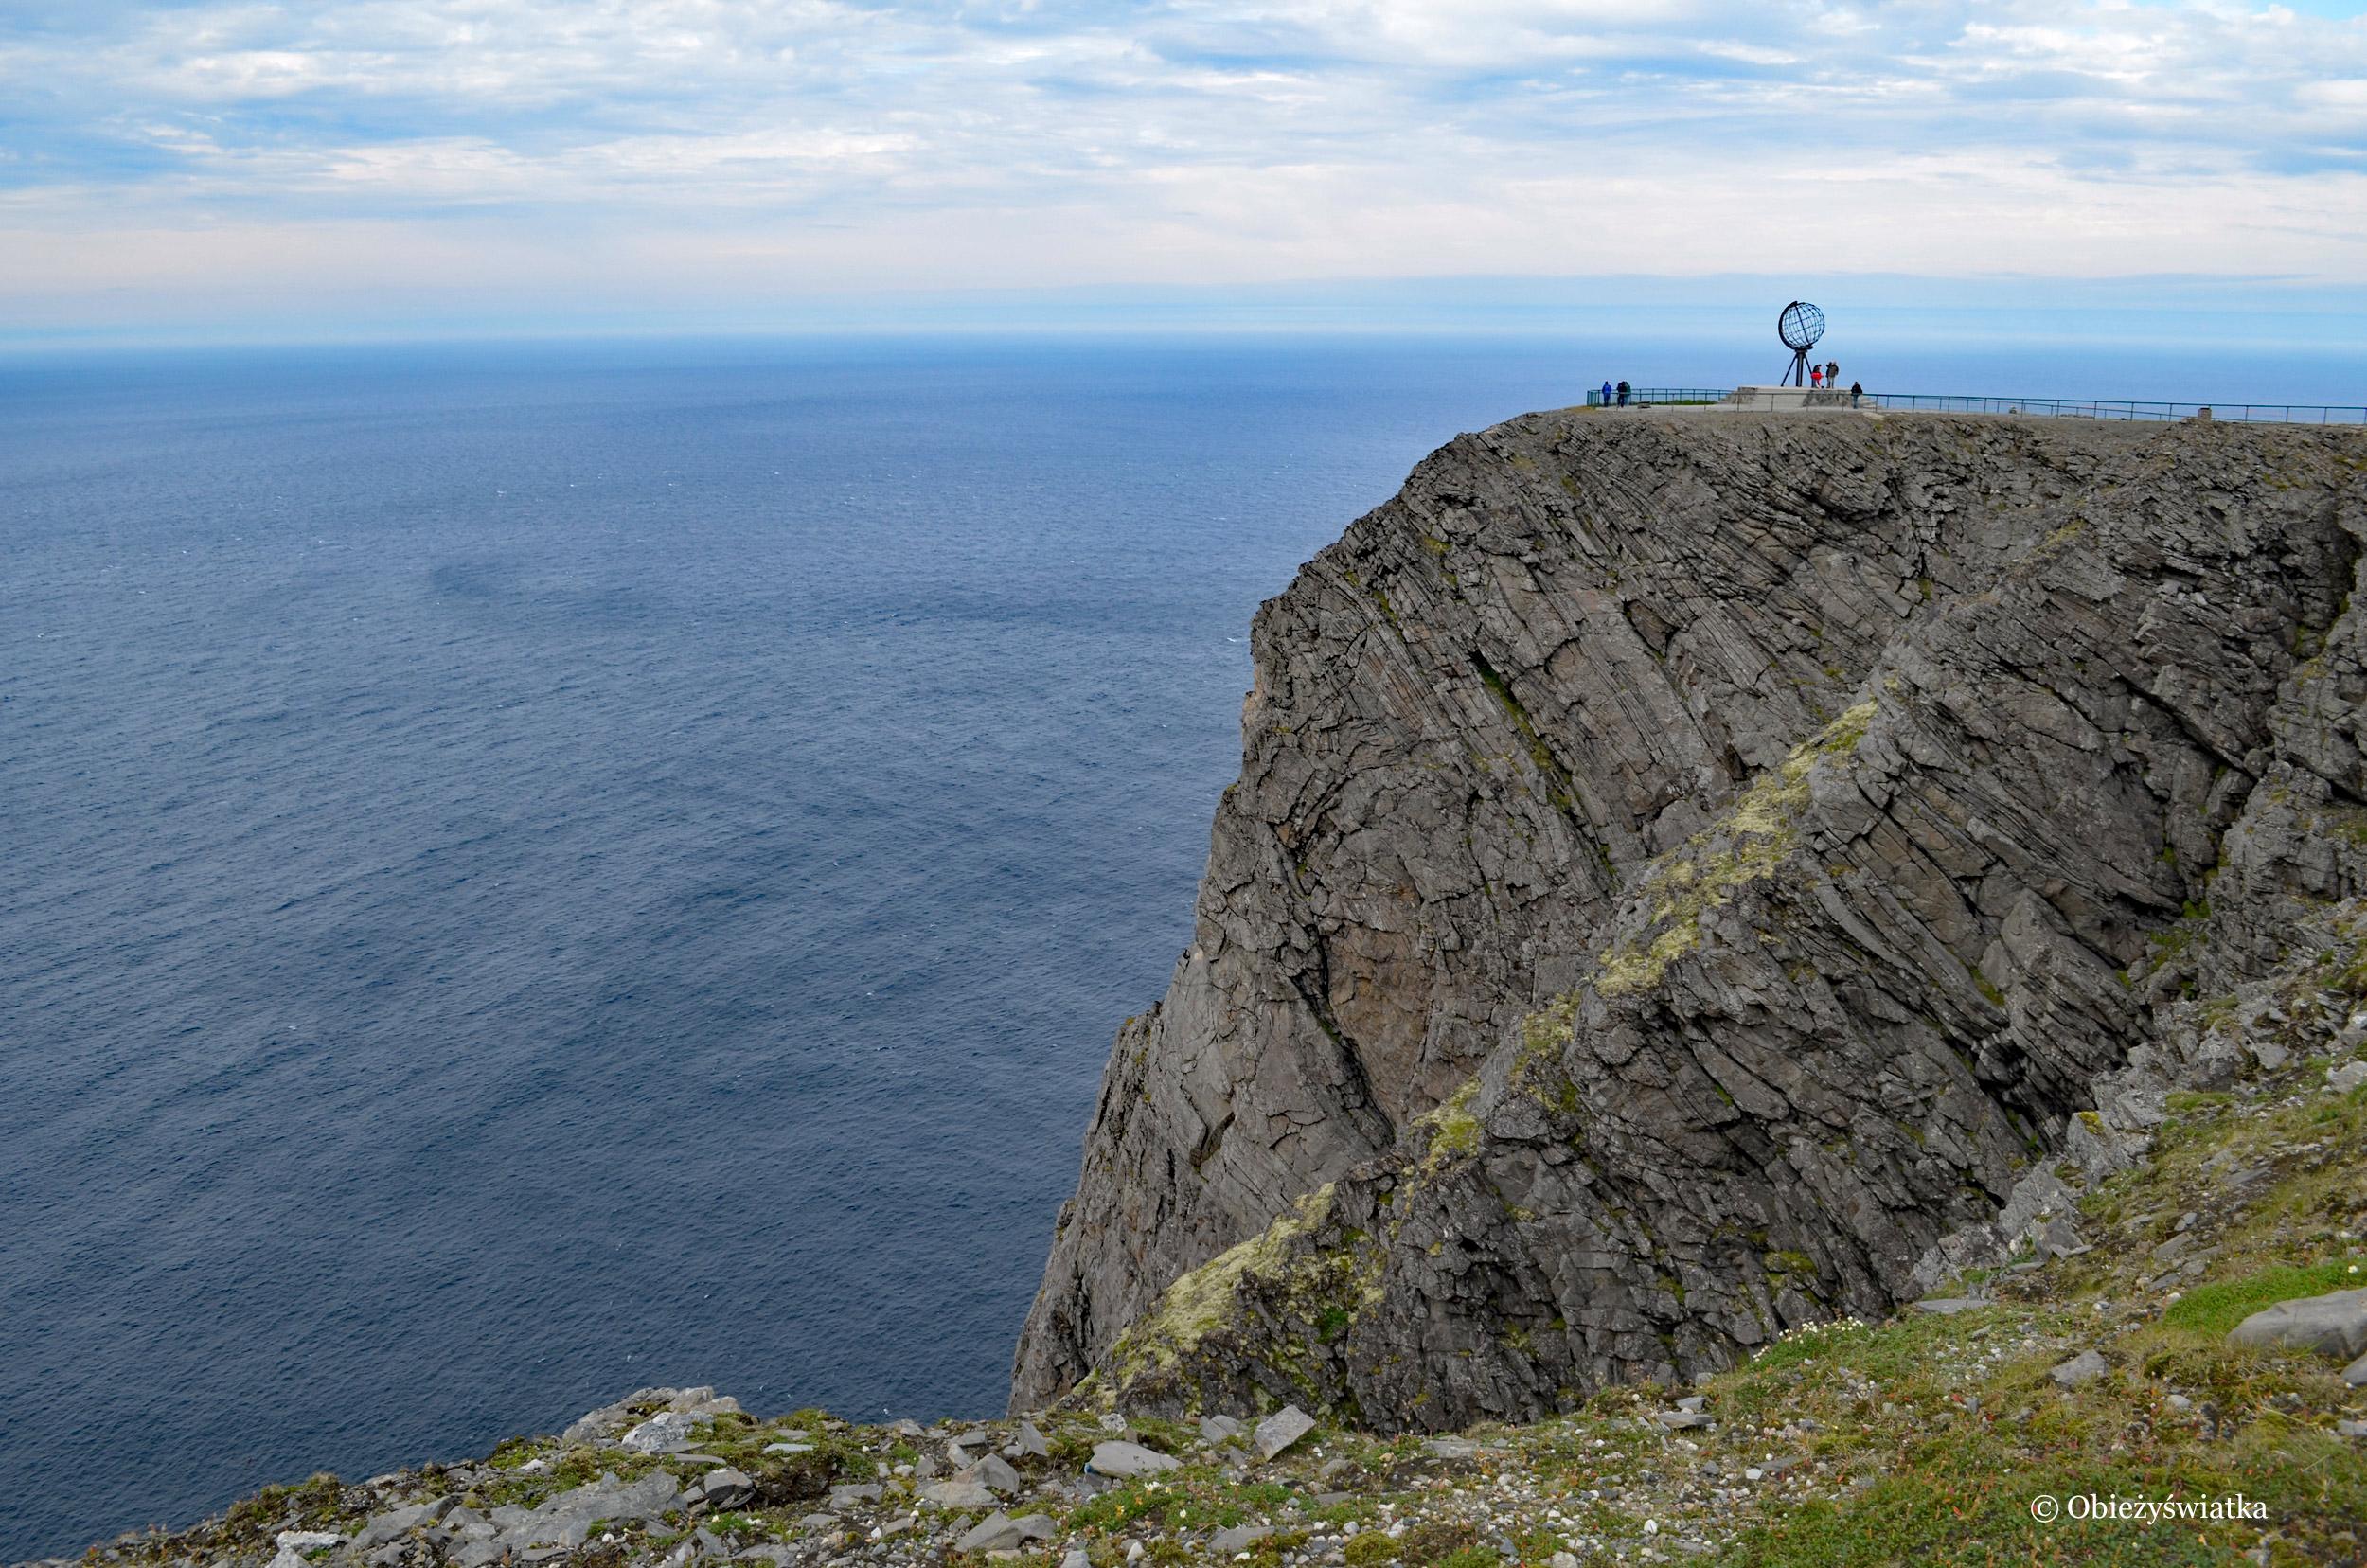 Globus na skale Przylądka Północnego, Nordkapp, Norwegia